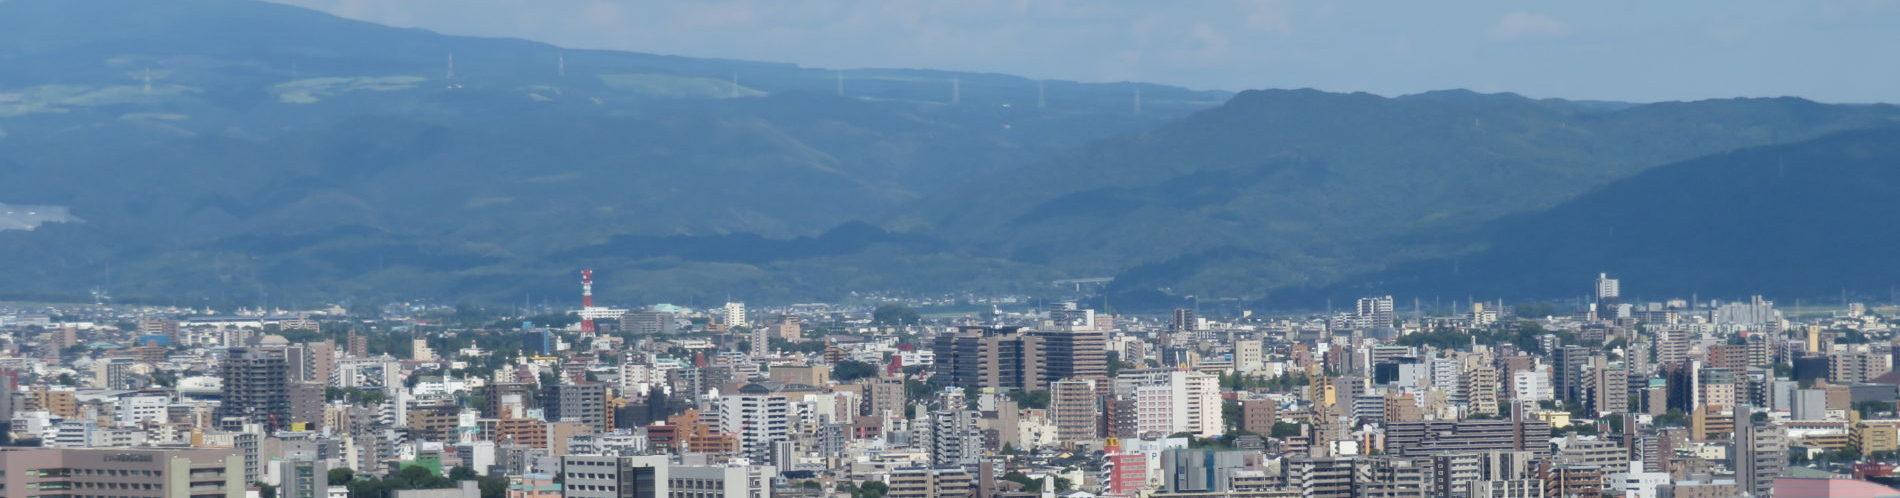 熊本市の風景 花岡山より東方向